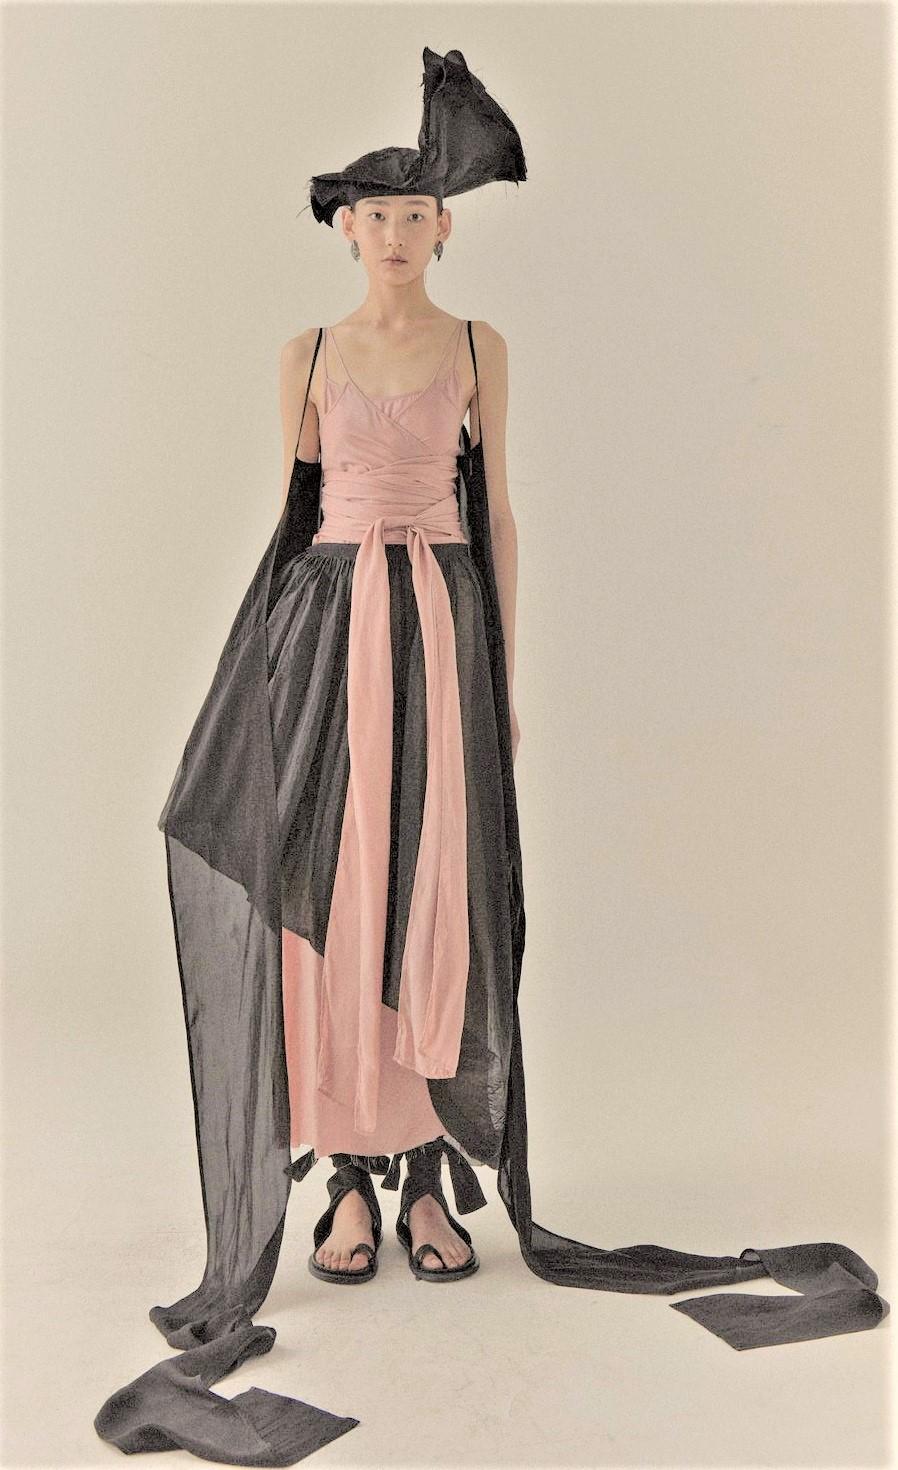 00031-UMA-WANG-SPRING-21-RTW Rose and blk dress Paris Pynck (3).jpg